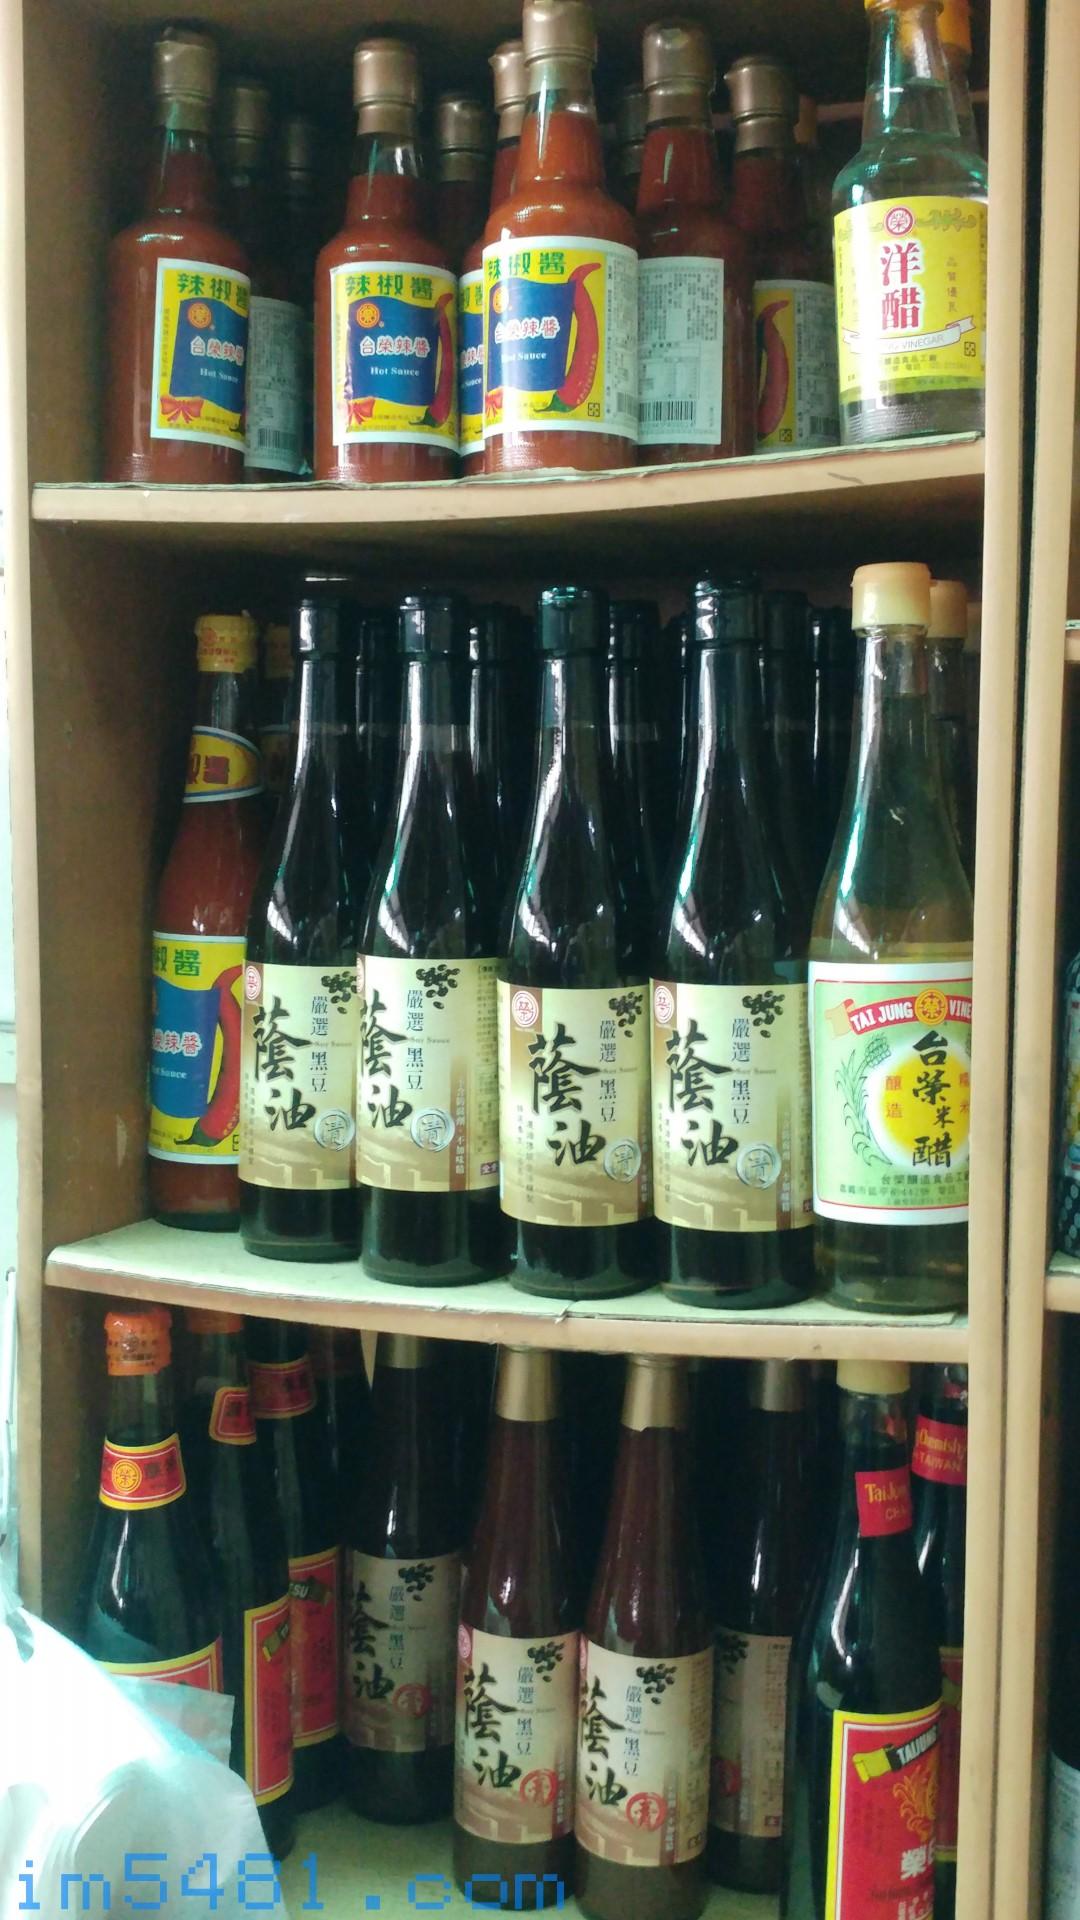 台榮釀造左邊櫃子: 小瓶辣椒醬、洋醋、大瓶辣椒醬、黑豆蔭油清、台榮米醋、榮印醋、黑豆蔭油膏